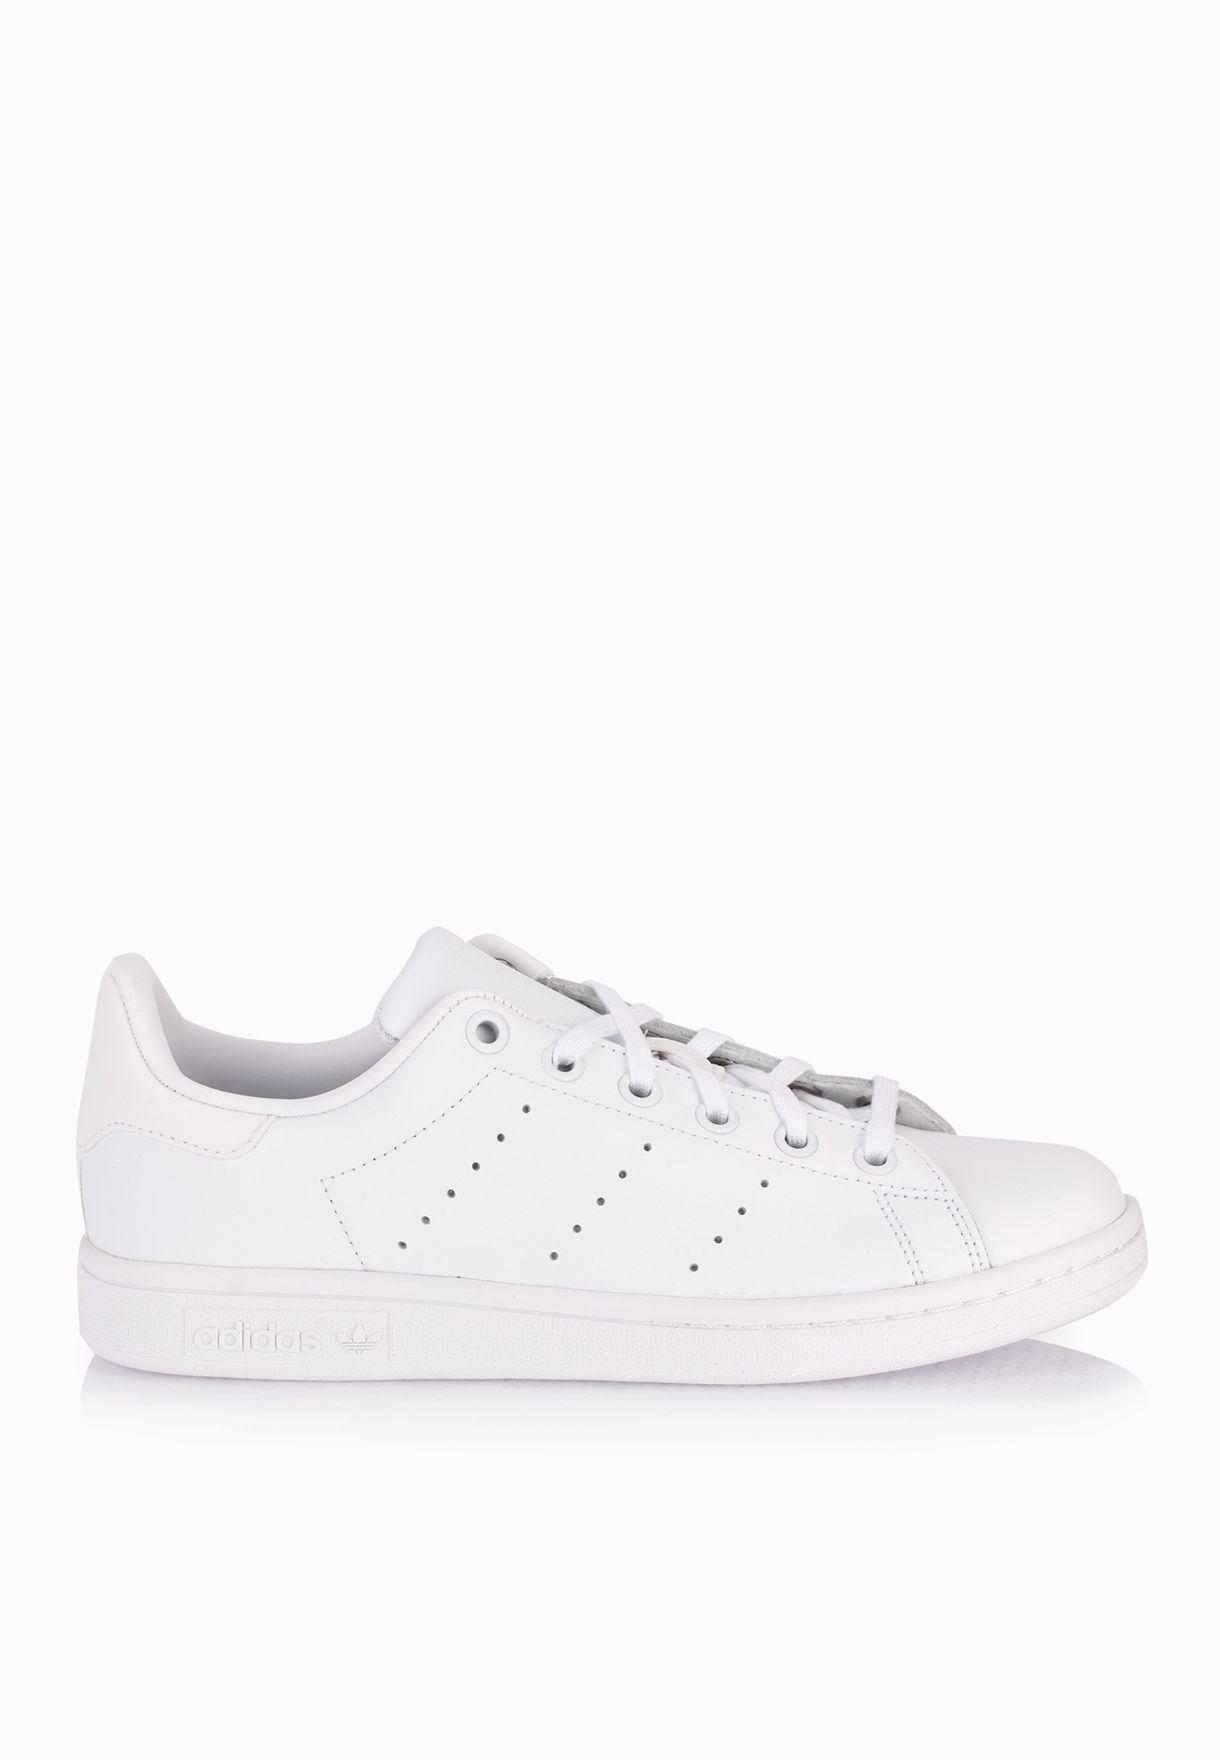 51908cba1 تسوق حذاء سنيكرز ستان سميث ماركة اديداس اورجينال لون أبيض S76330 في ...